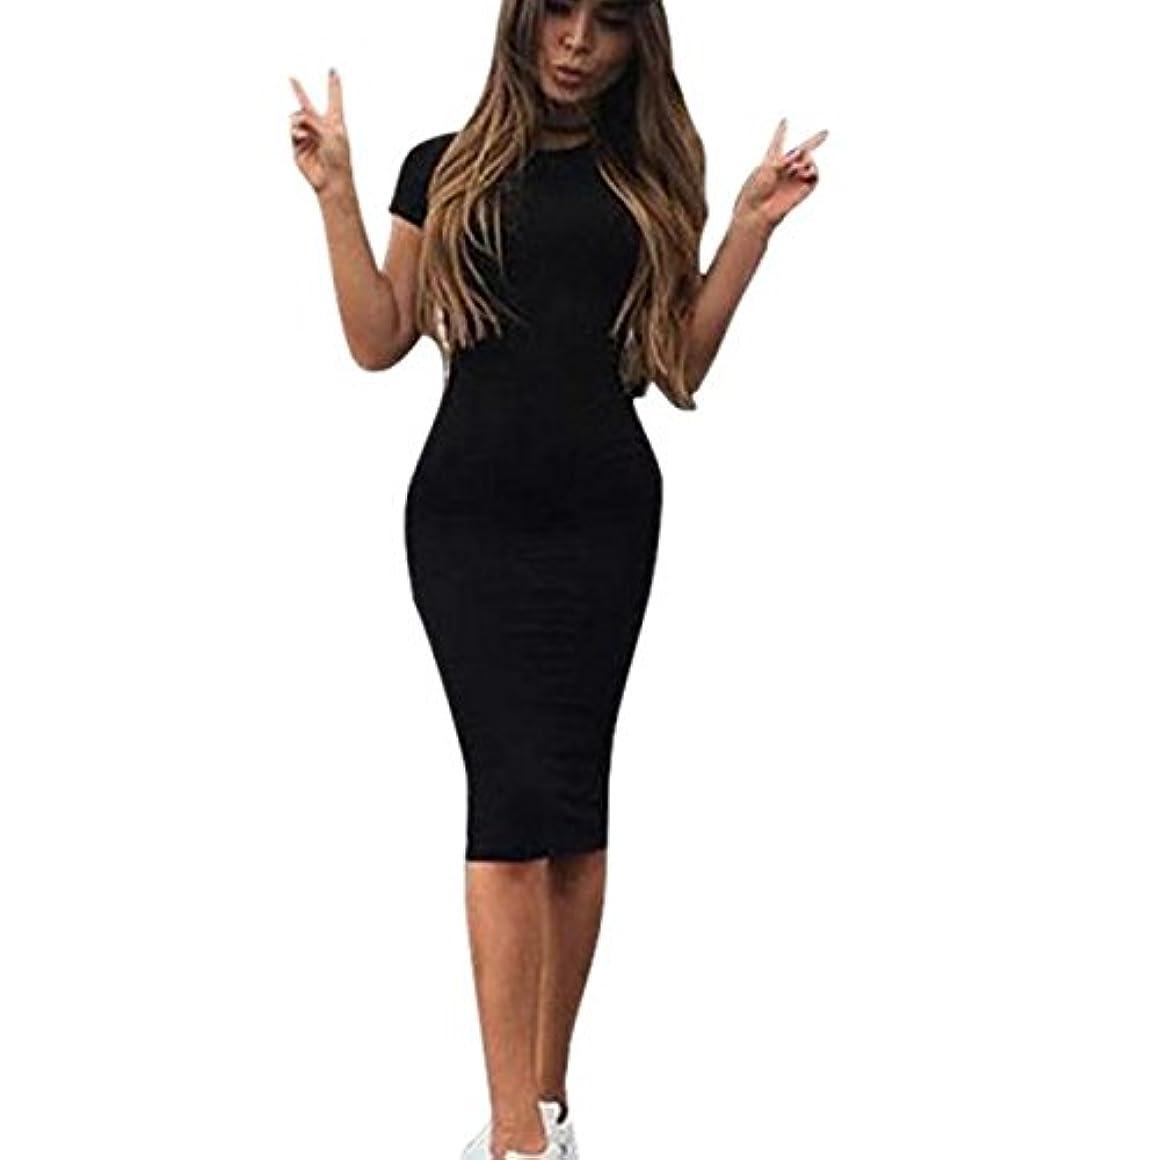 症状ミトン逆にLutents レディース タイト ワンピース 無地 半袖 セクシー スリムドレス 着痩せ ワンピース ロング 細身 パーティー 二次会 結婚式に対応 (黒 グレー グリーン)S~XLサイズ